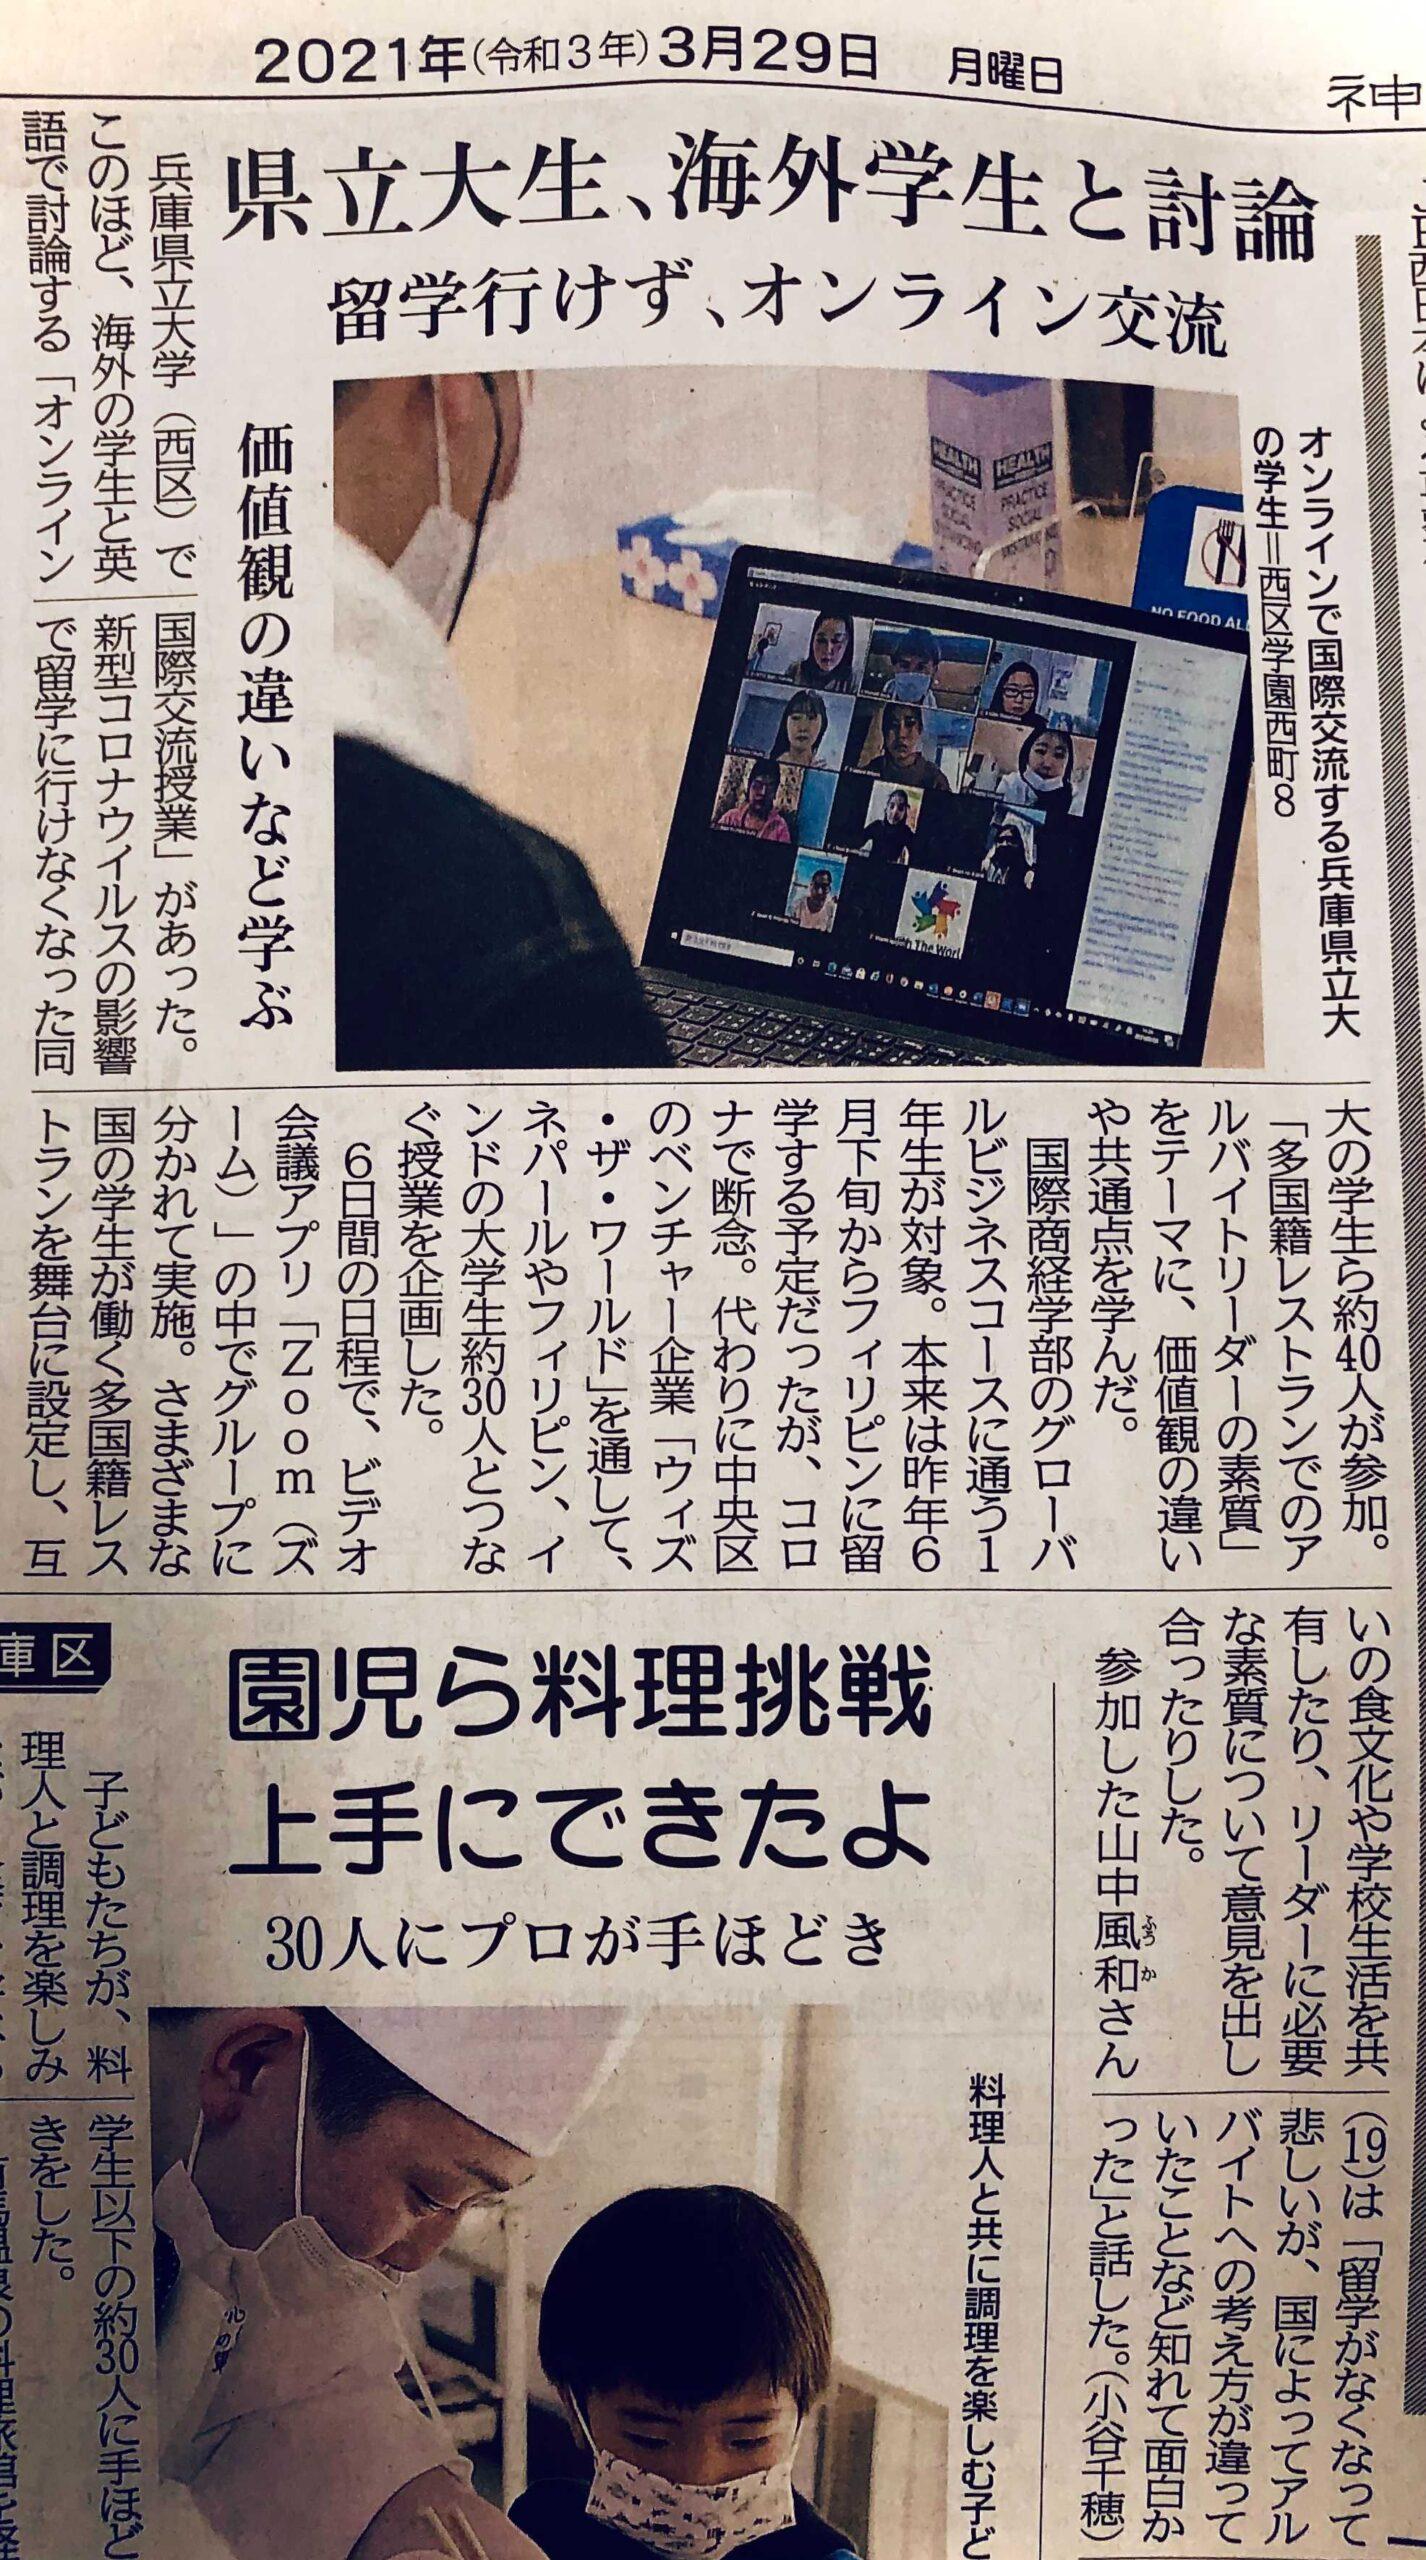 神戸新聞で掲載「留学行けず、オンライン交流」